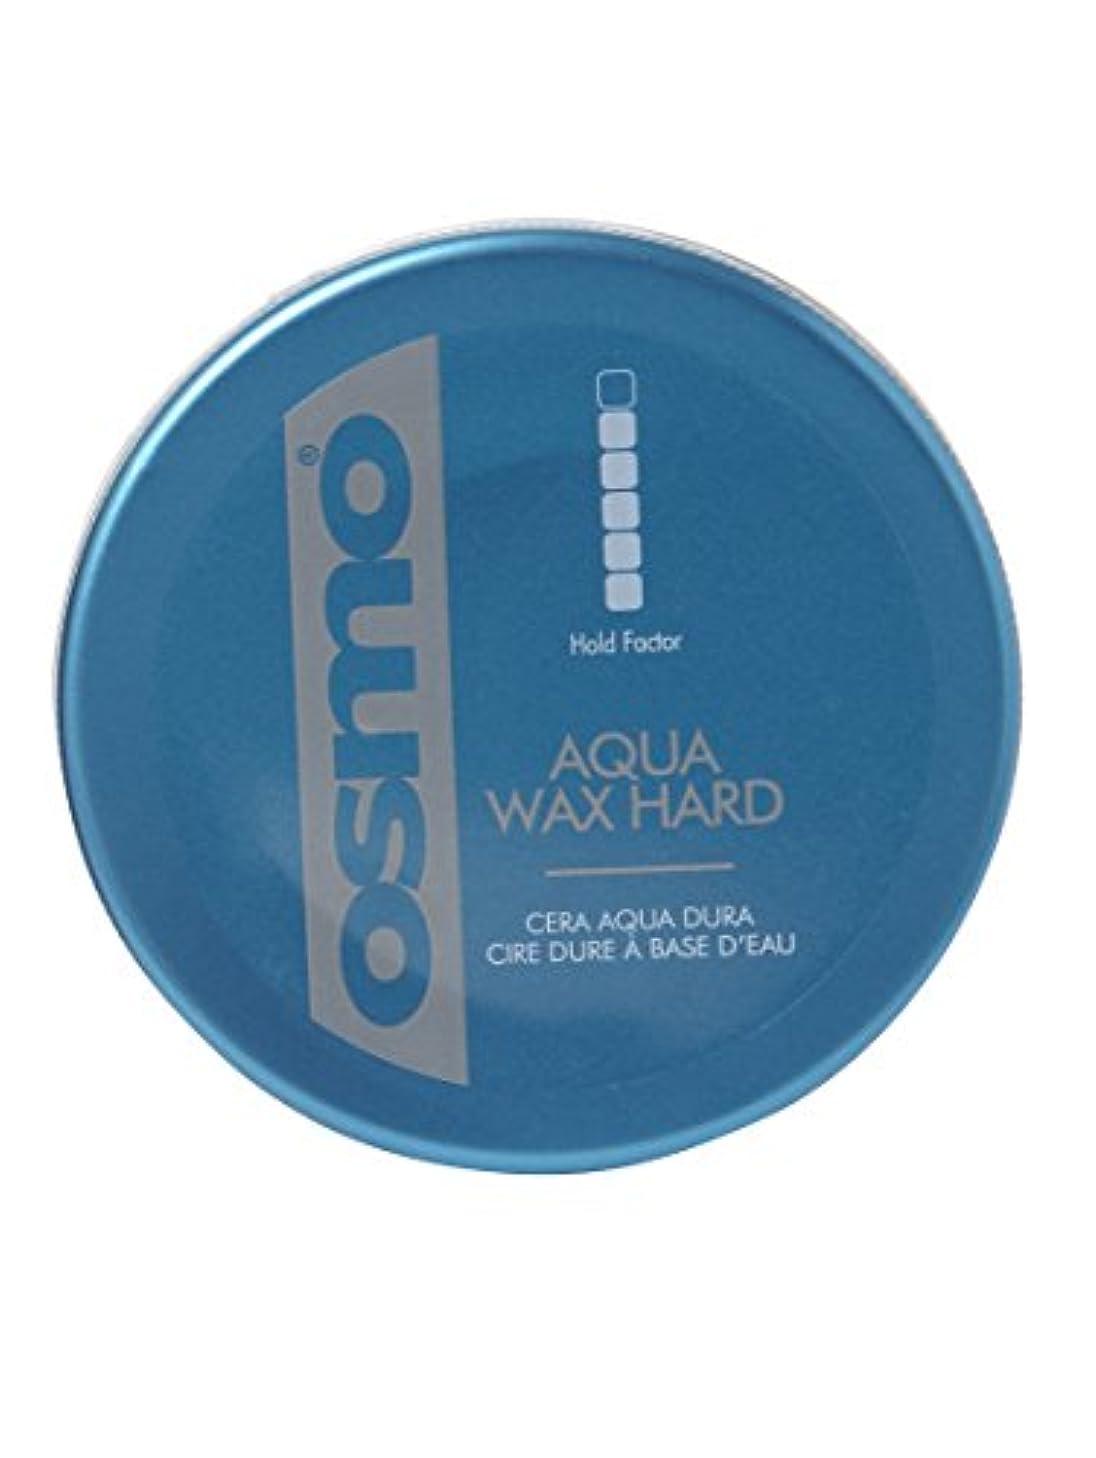 以上銛オーストラリア人Osmo Aqua Wax Hard - For An Incredible Shine And Strong Hold - 100ml